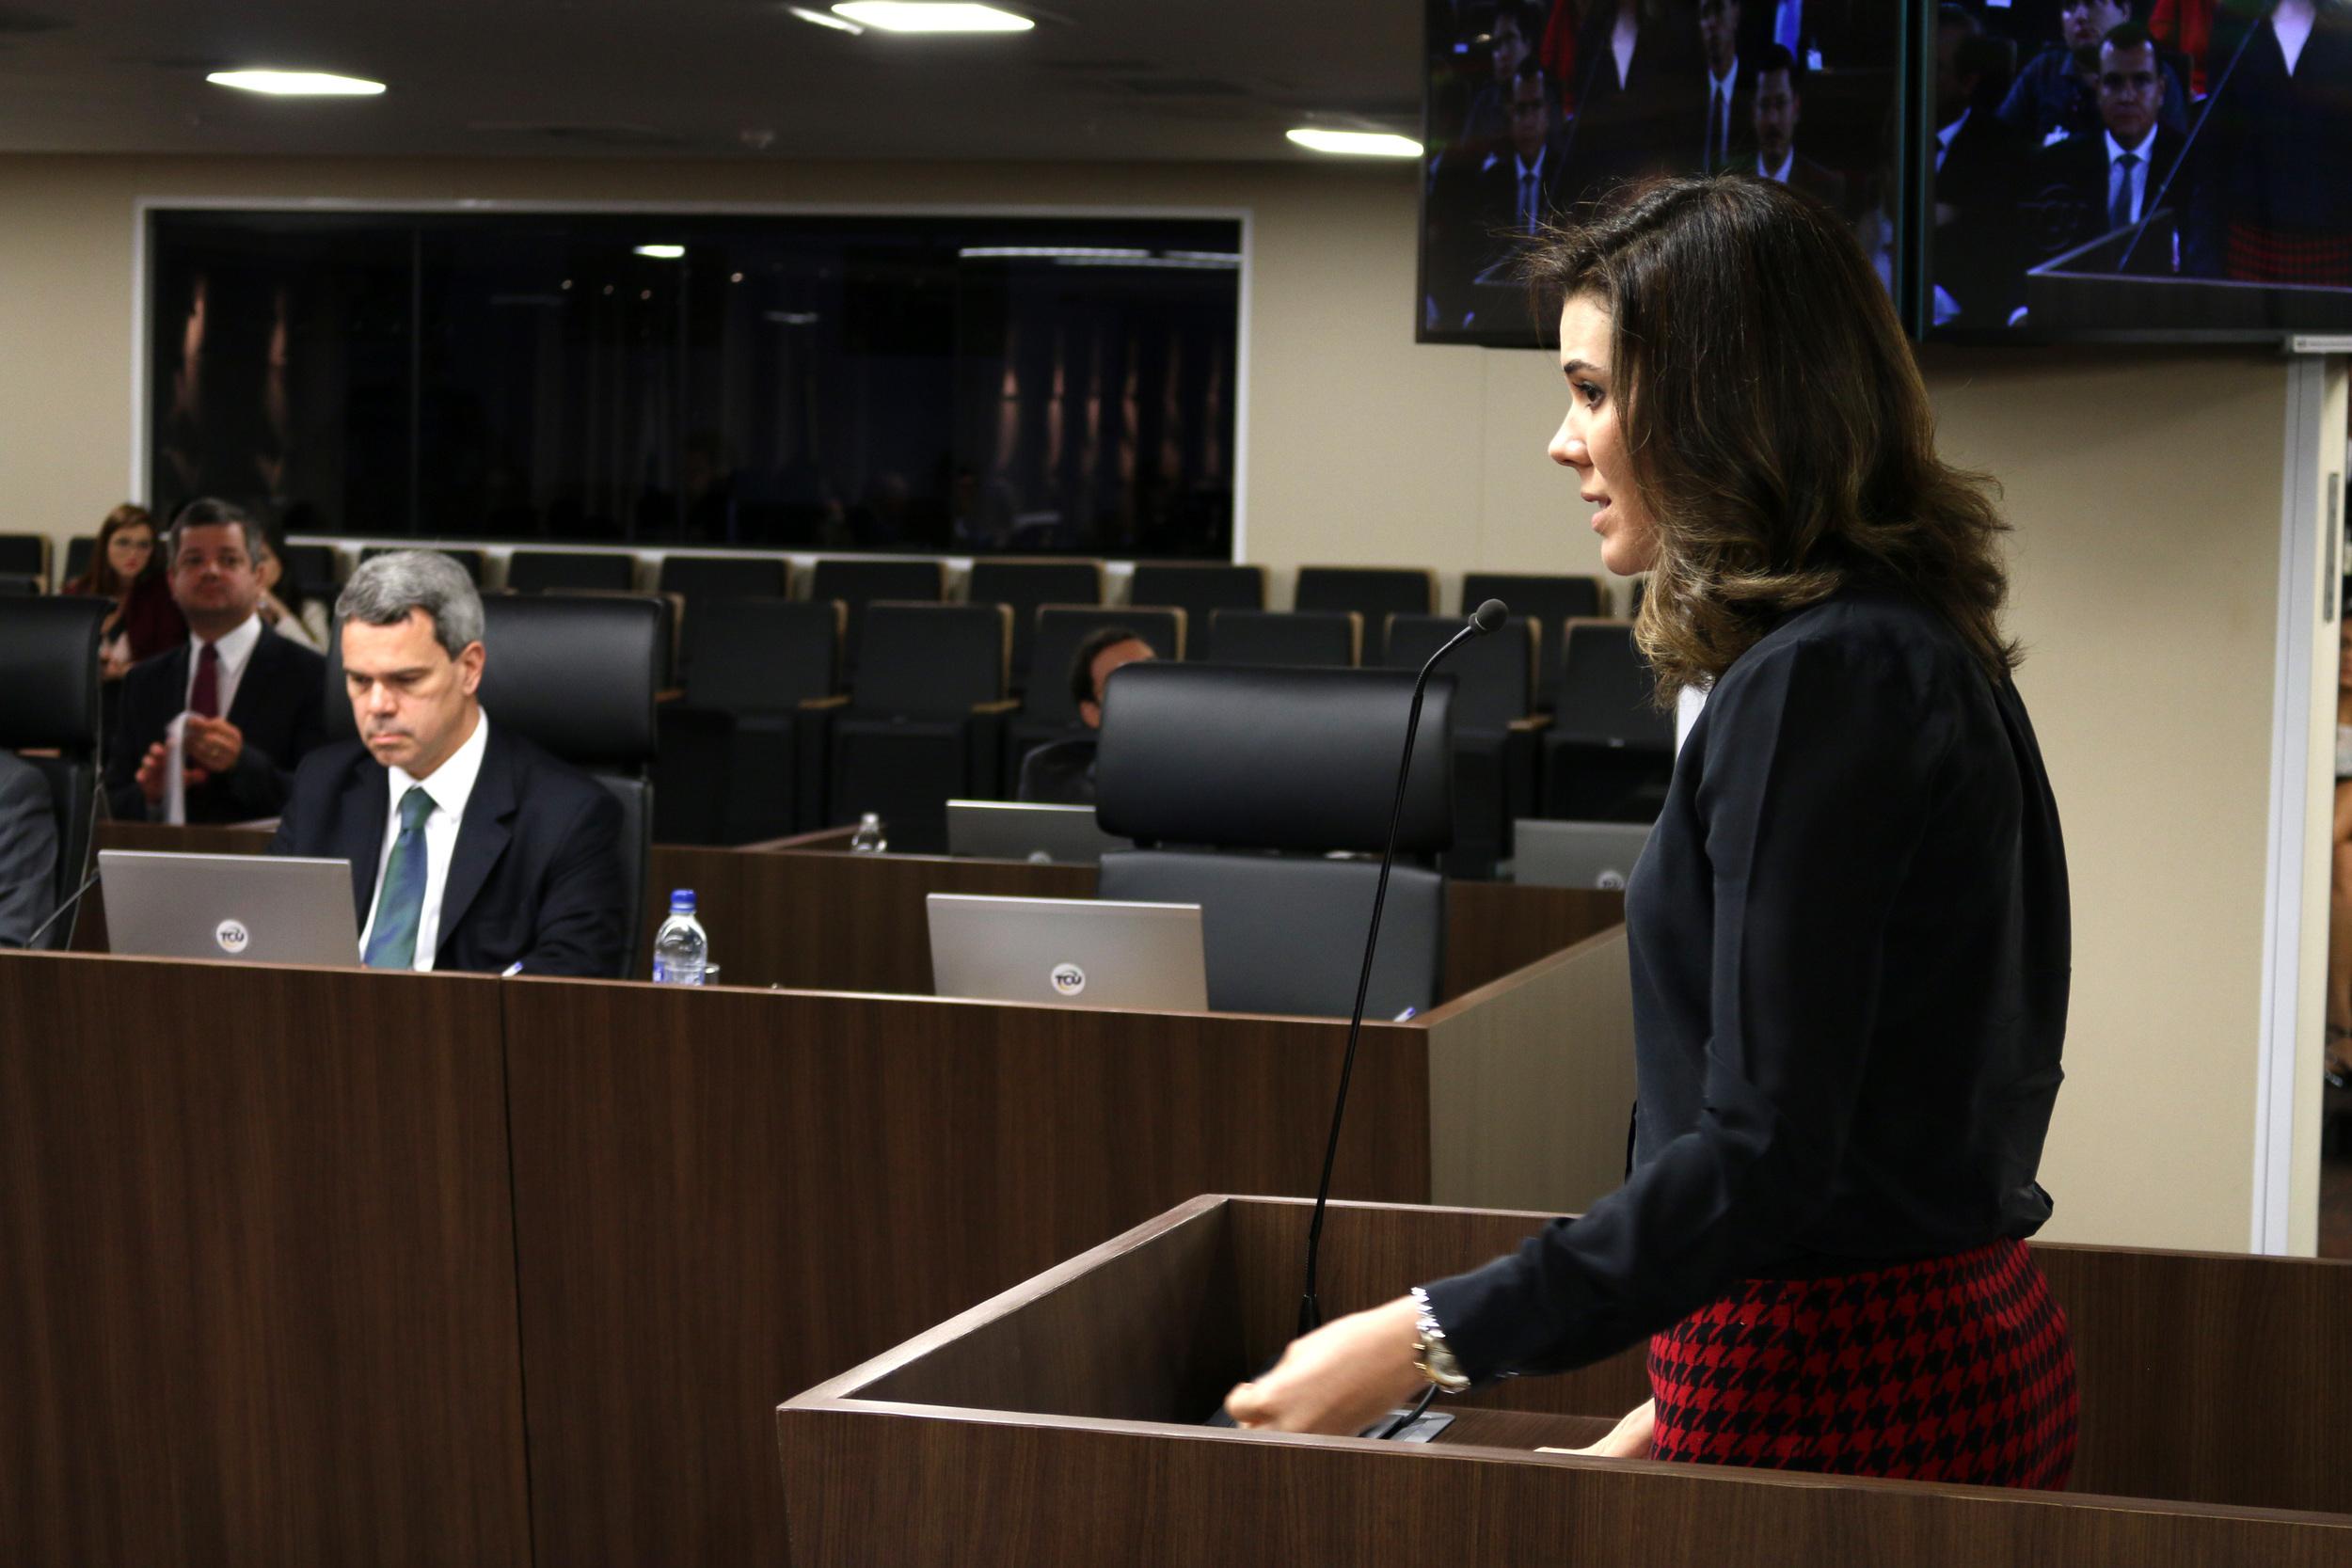 A advogada Julia Pauro em sustentação oral. Foto: Filipe Calmon / ANESP